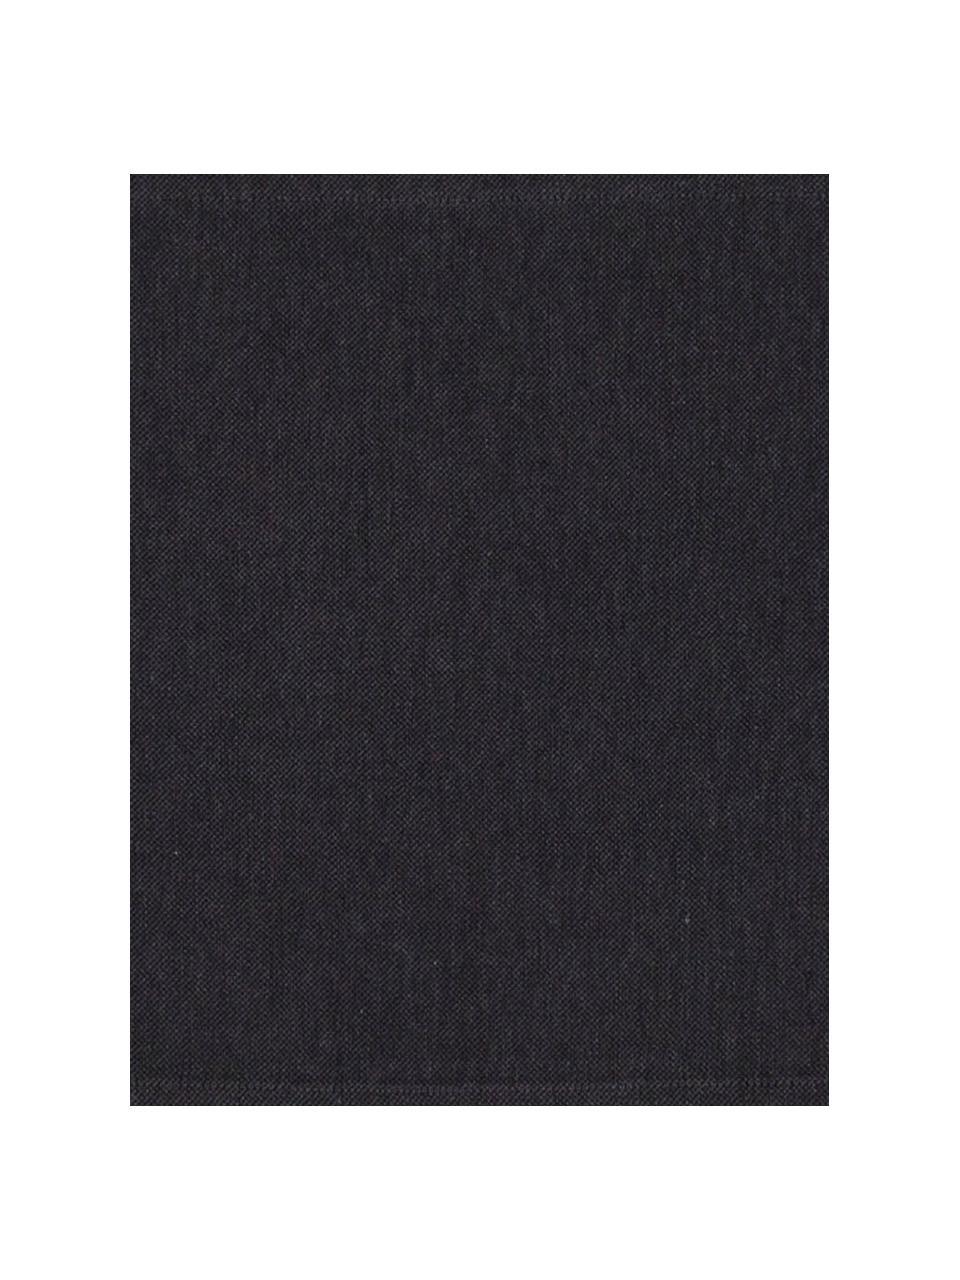 Tischläufer Riva aus Baumwollgemisch in Anthrazit, 55%Baumwolle, 45%Polyester, Anthrazit, 40 x 150 cm